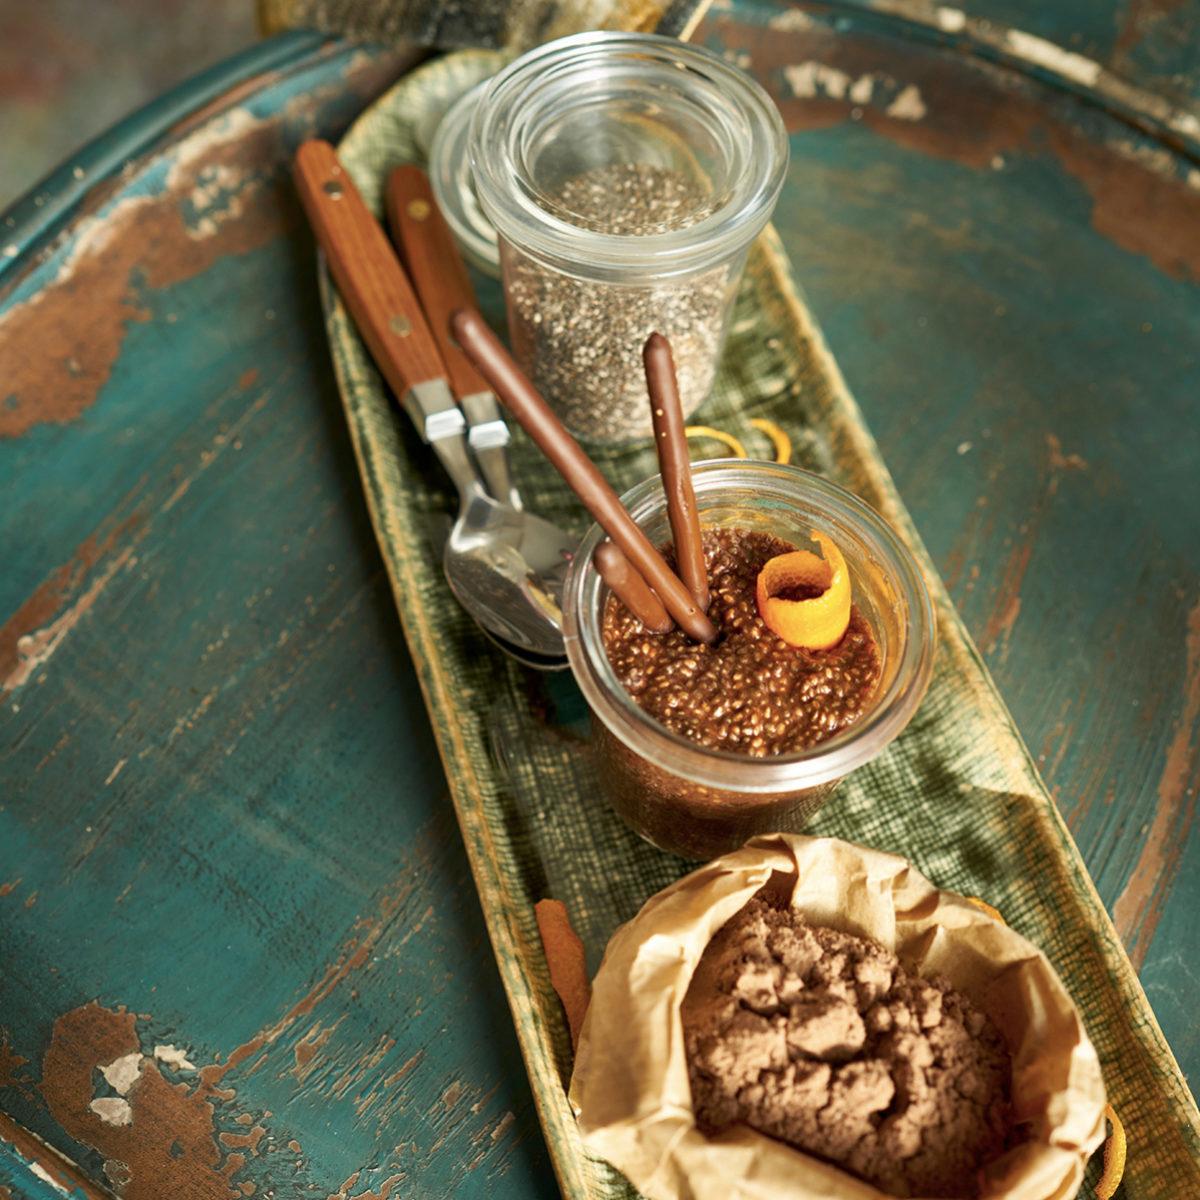 El pudding de chia con cacao es una perfecta opción para el desayuno